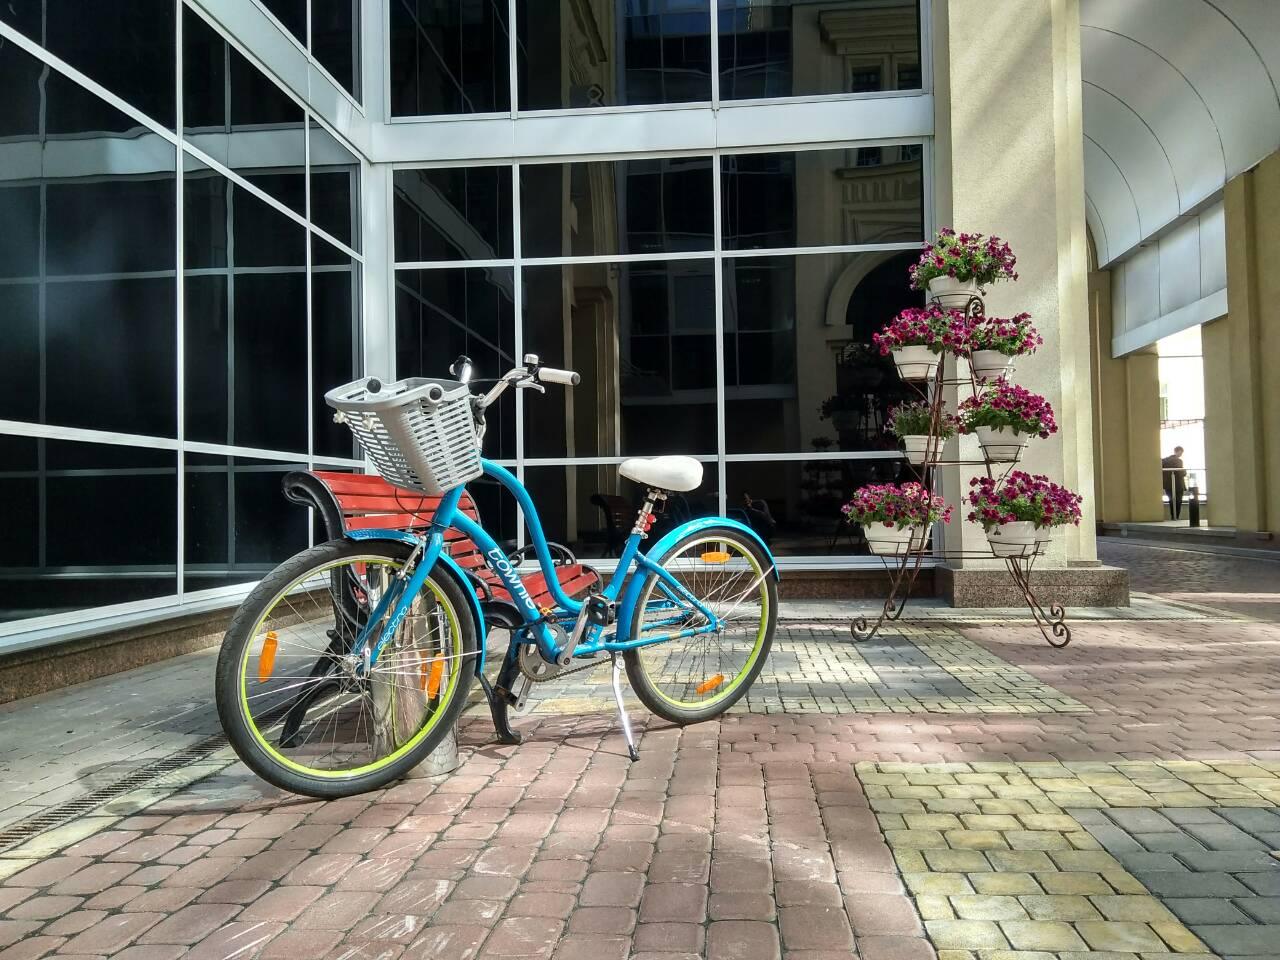 Шукаєте велодружній заклад на Подолі? – зустрічайте: БЦ Іллінський